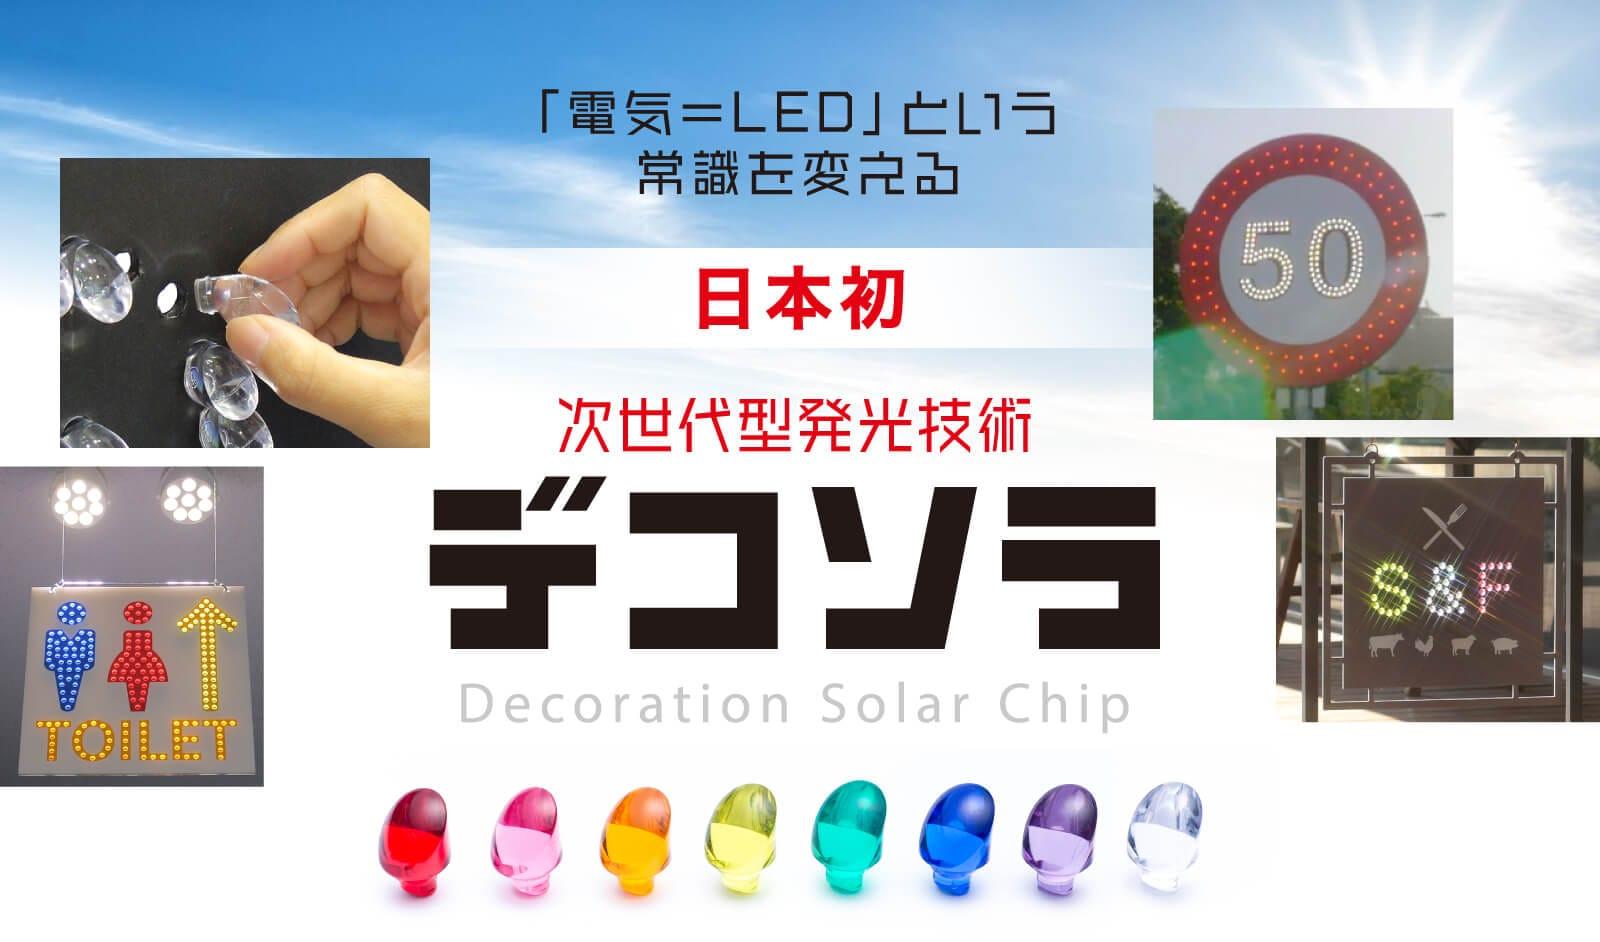 「電気=LED」という常識を変える 日本初次世代型発光技術 デコソラ Decoration Solar Chip